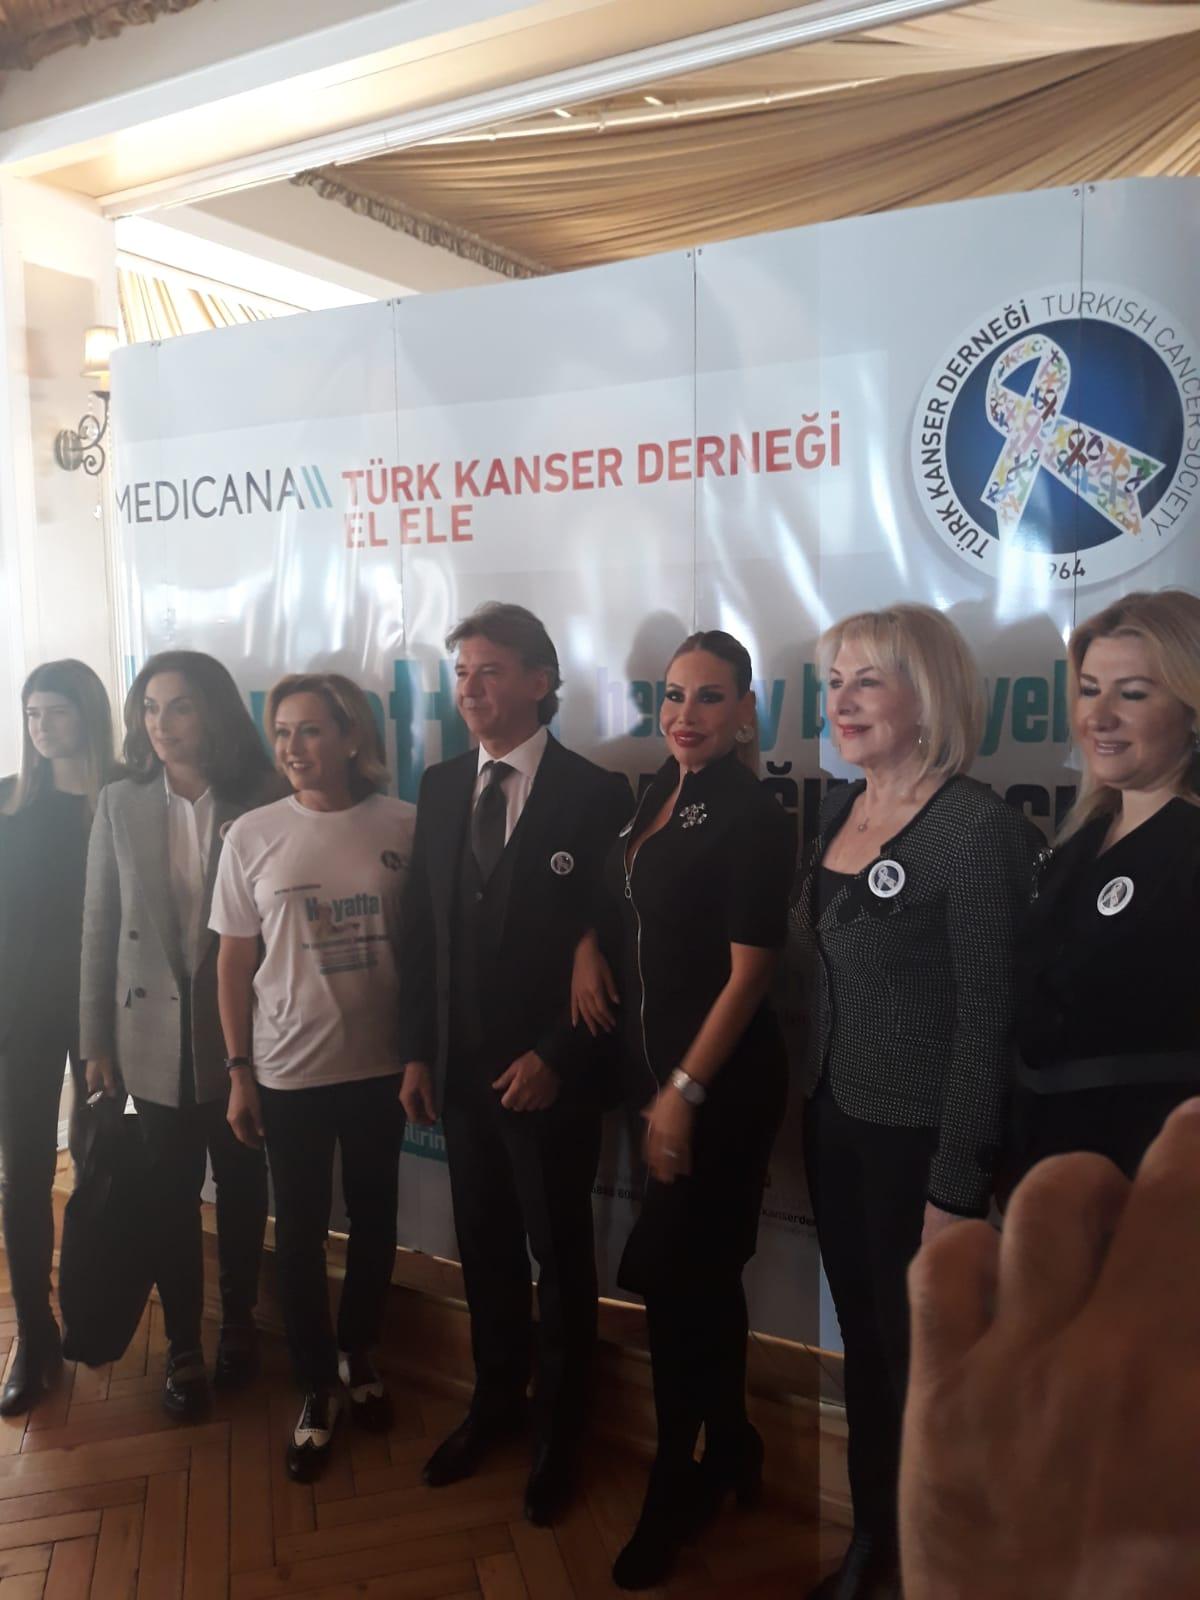 2019 Basın toplantısı - TÜRK KANSER DERNEĞİ